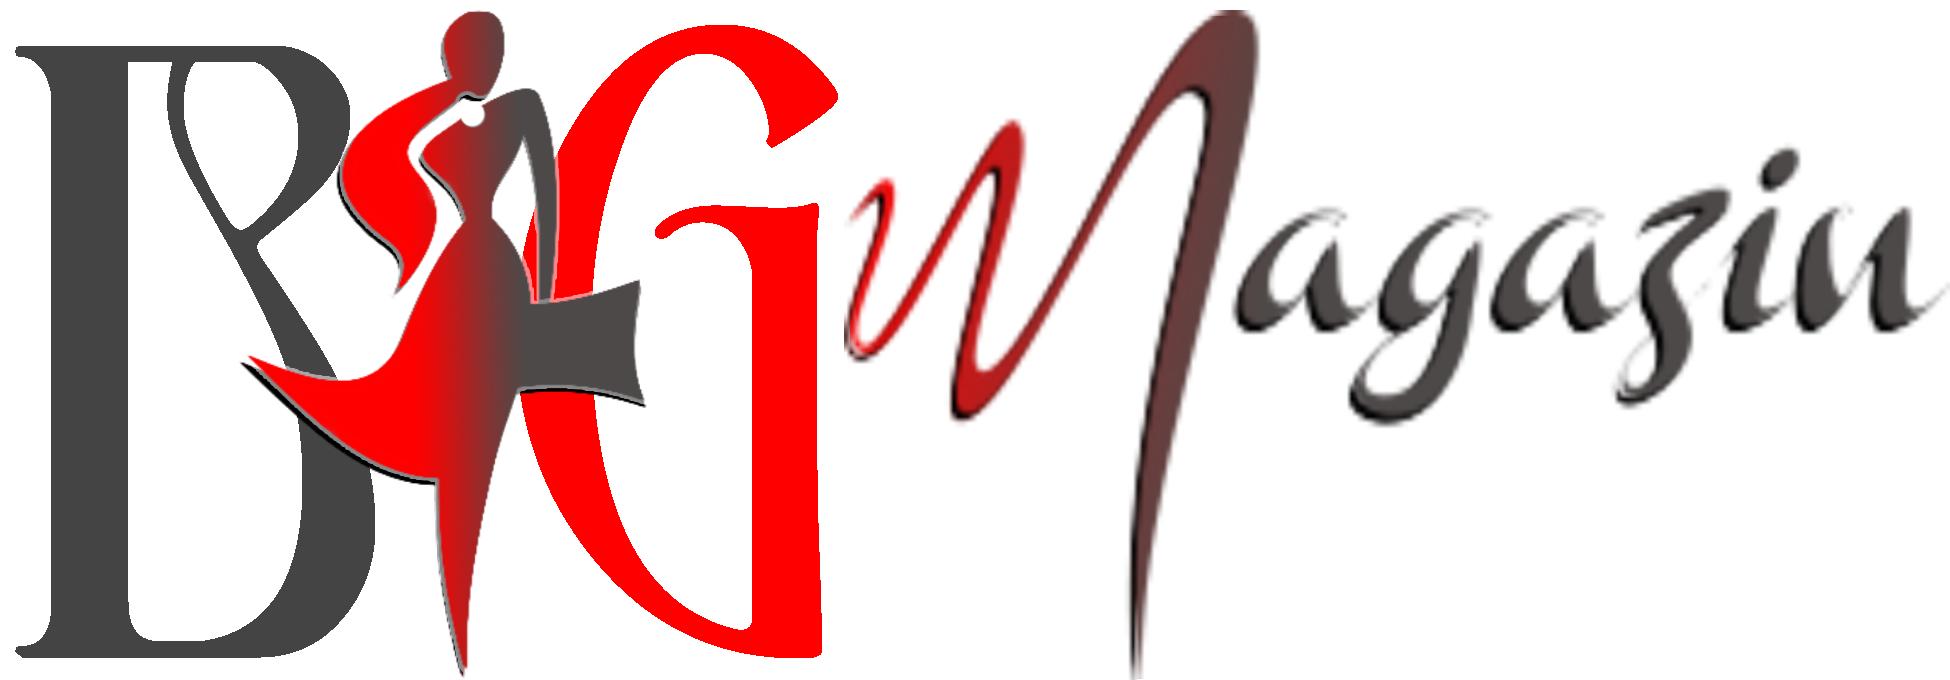 طراحی لوگو به سبک ترکیبی